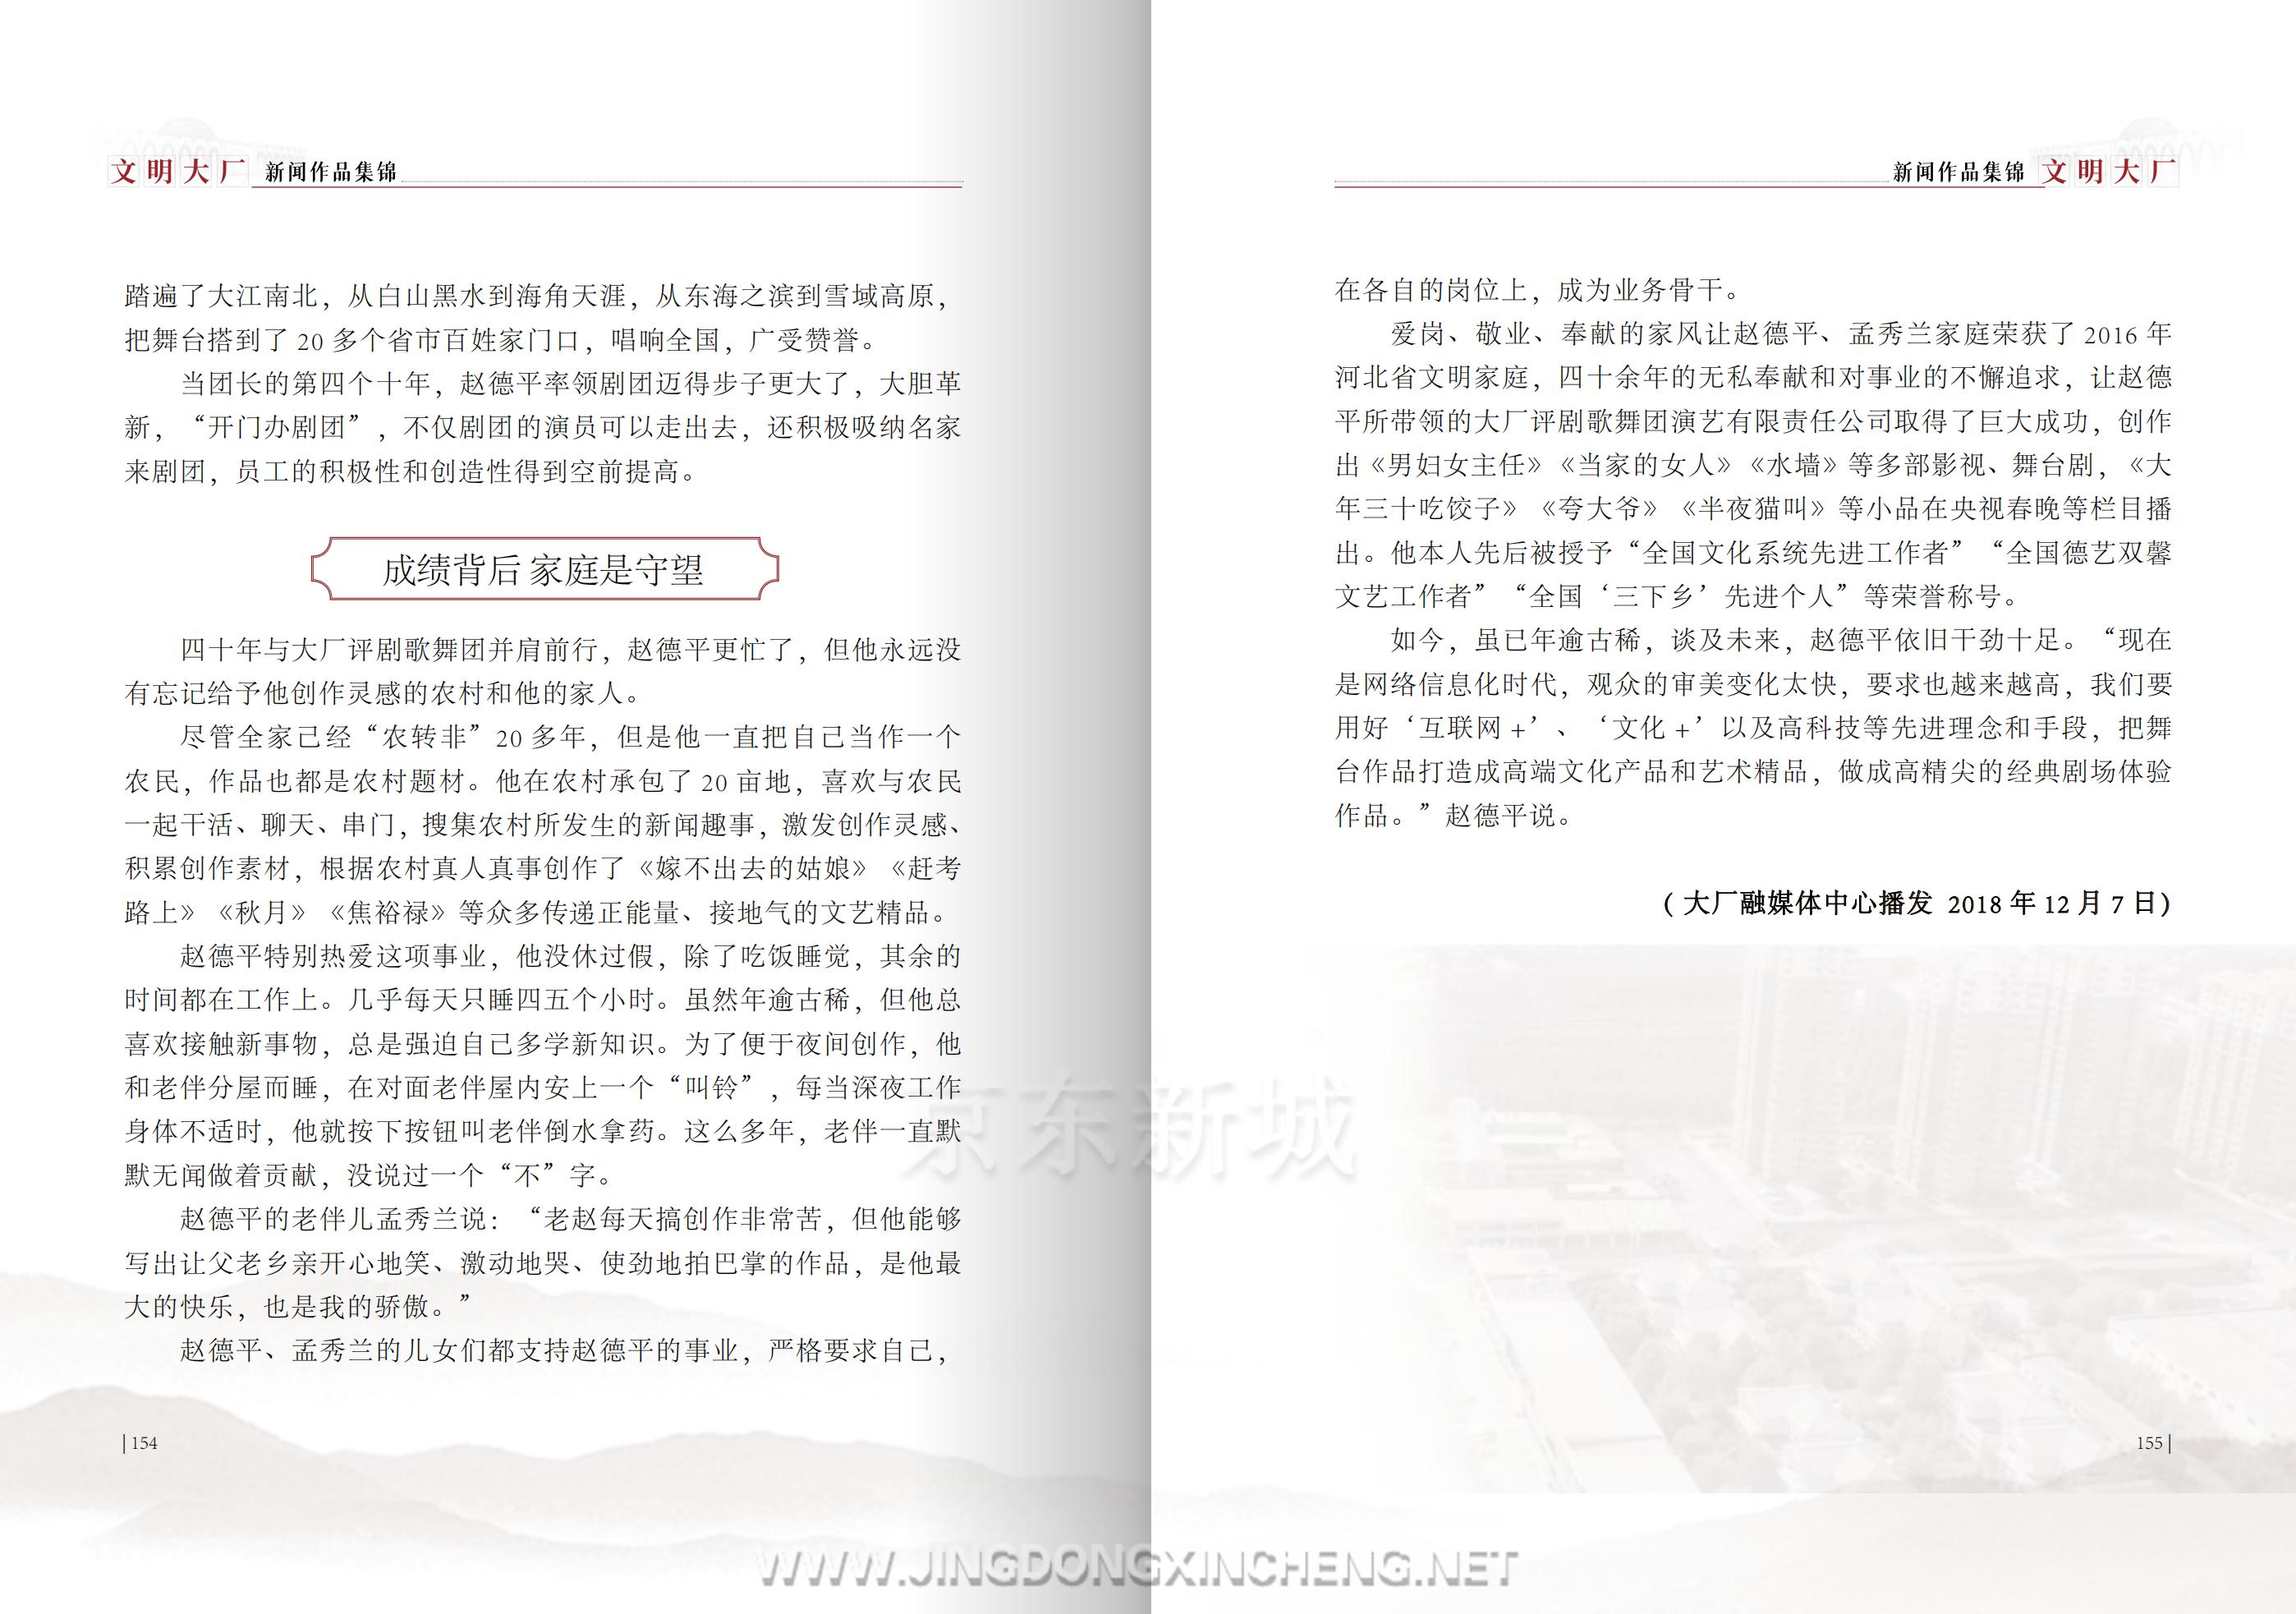 文明大厂书籍-定稿-上传版_81.png